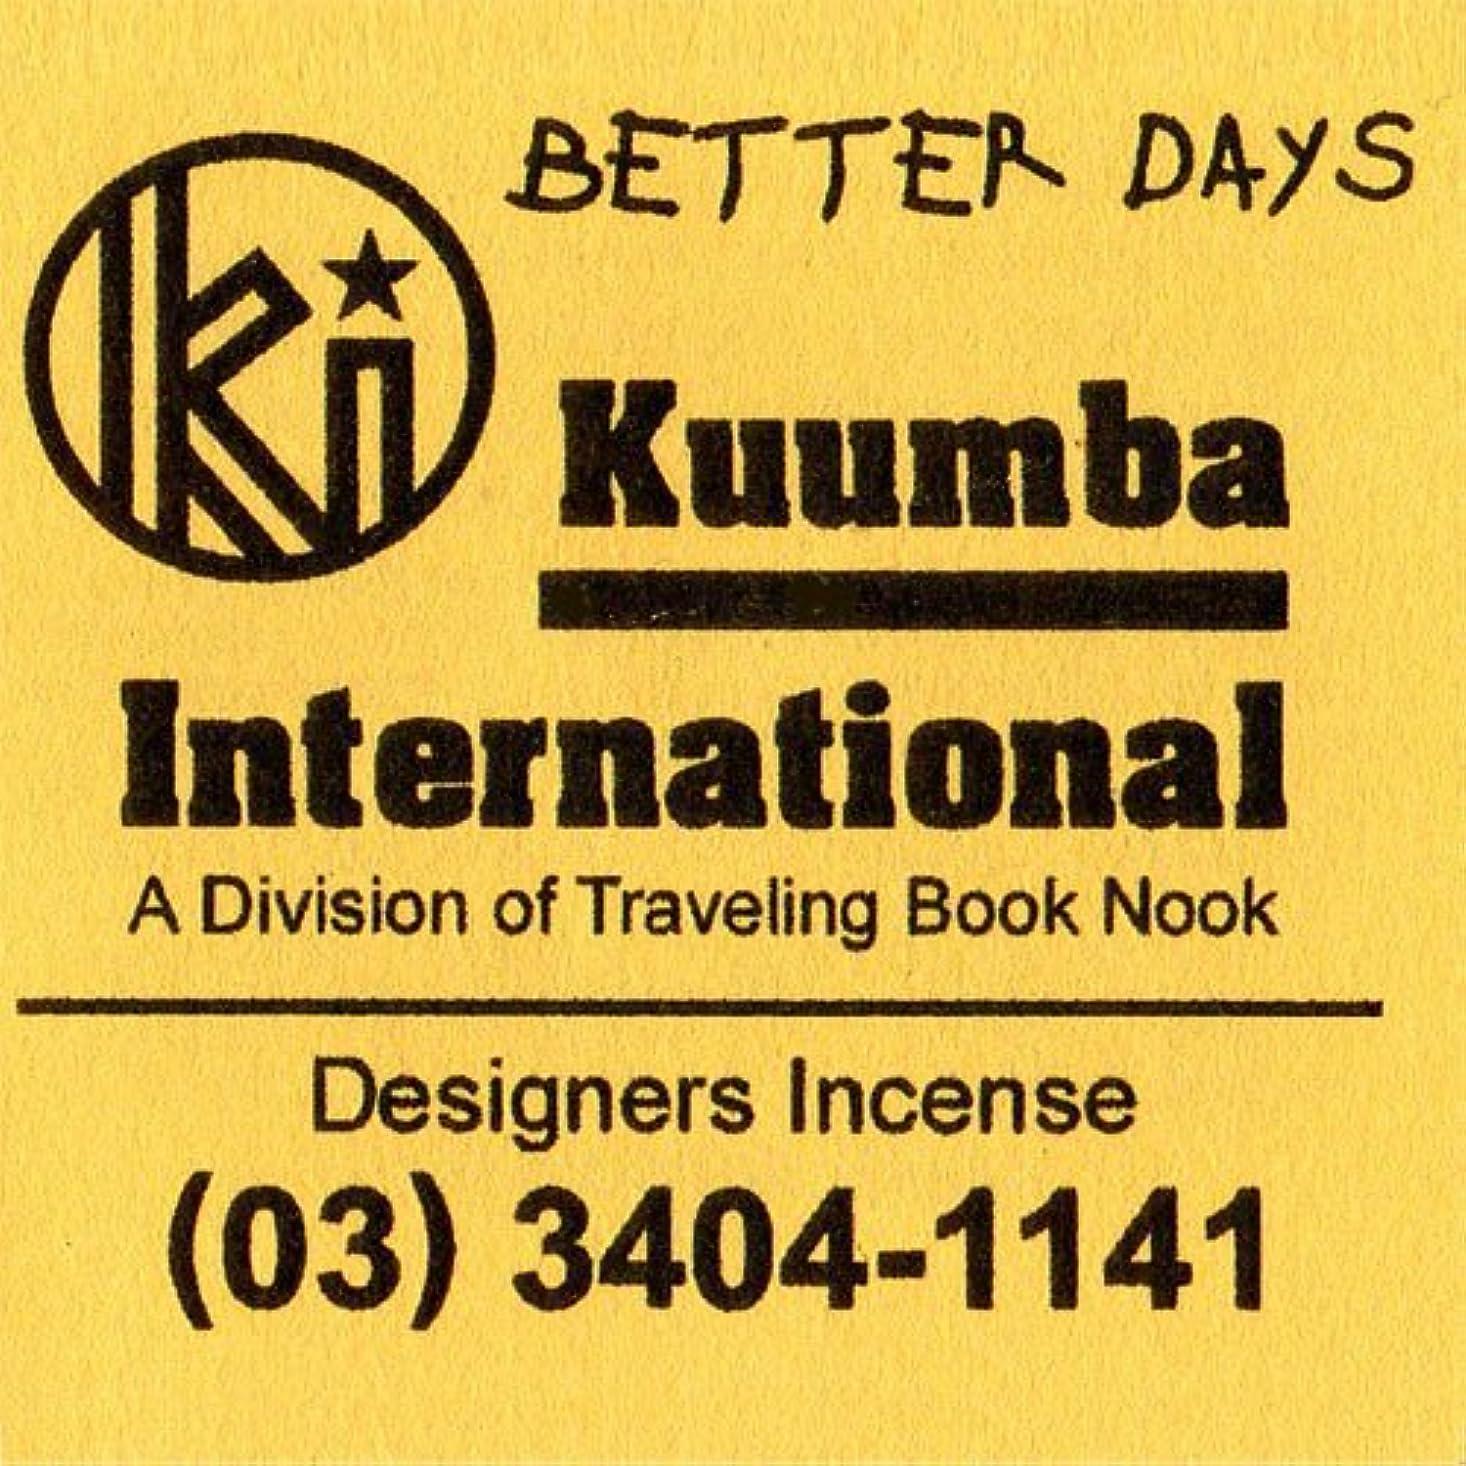 住所ナインへ調べるKUUMBA/クンバ『incense』(BETTER DAYS) (Regular size)